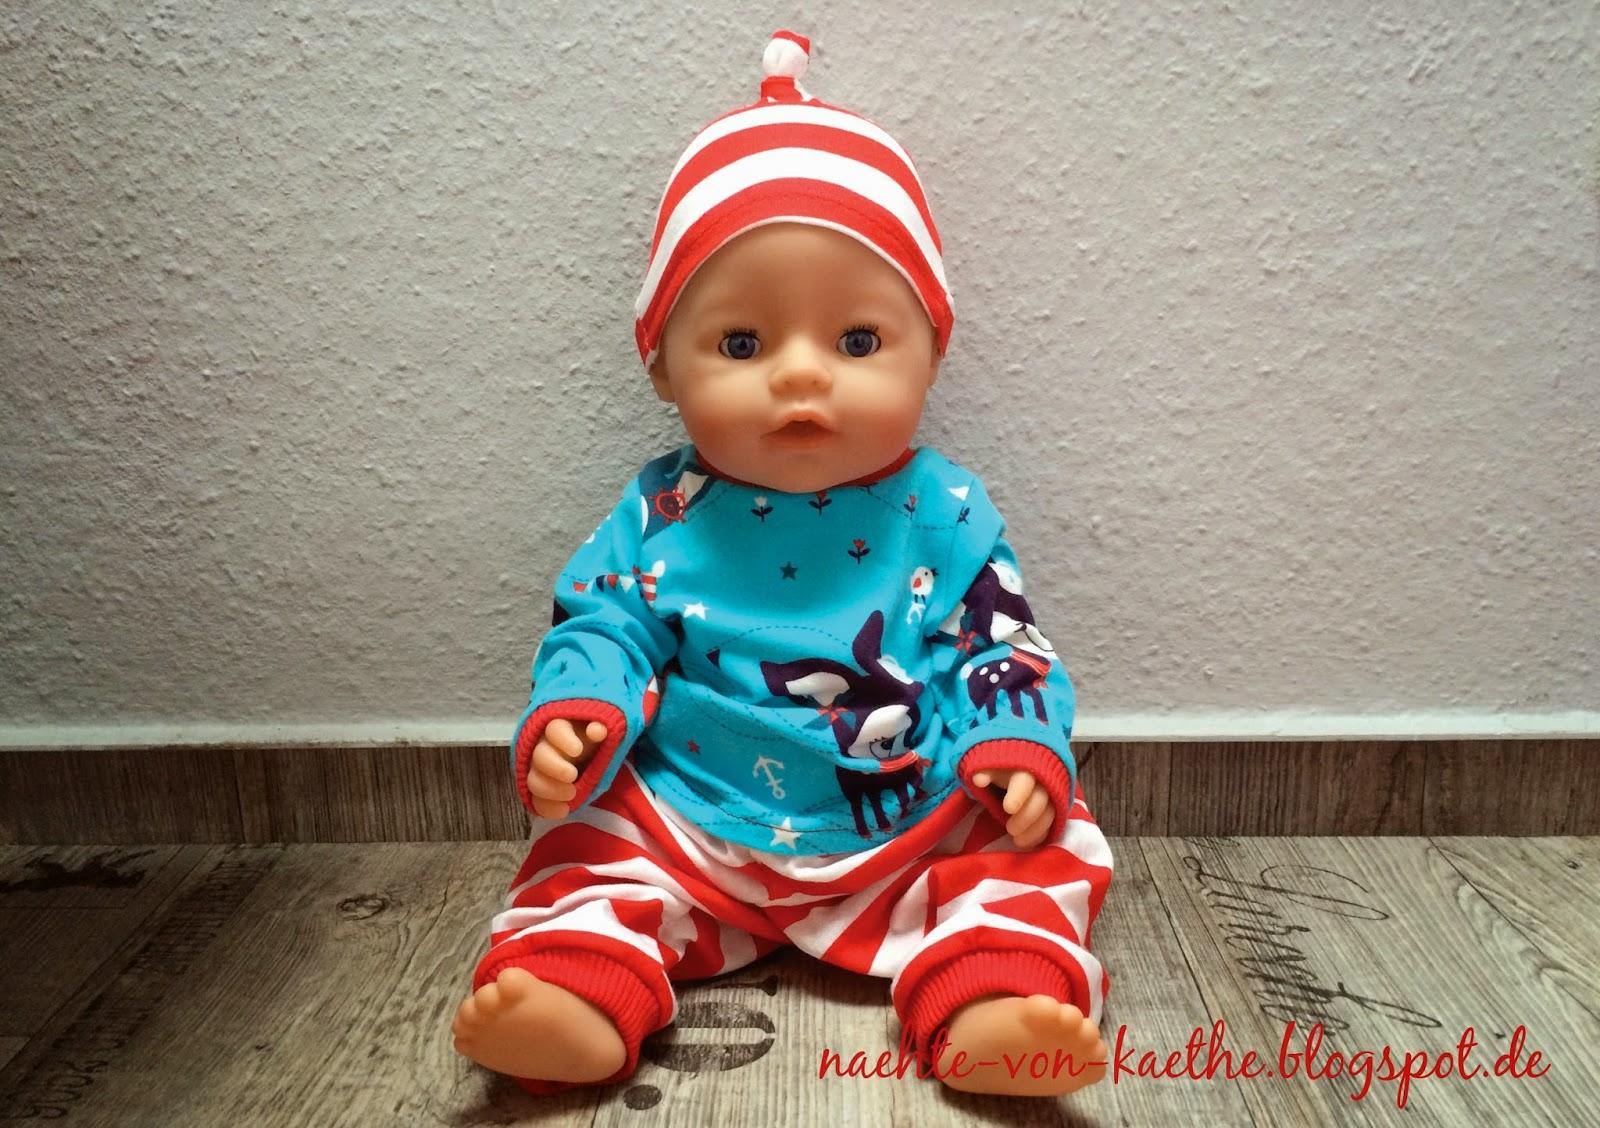 Puppenkleidung nach Klimperklein